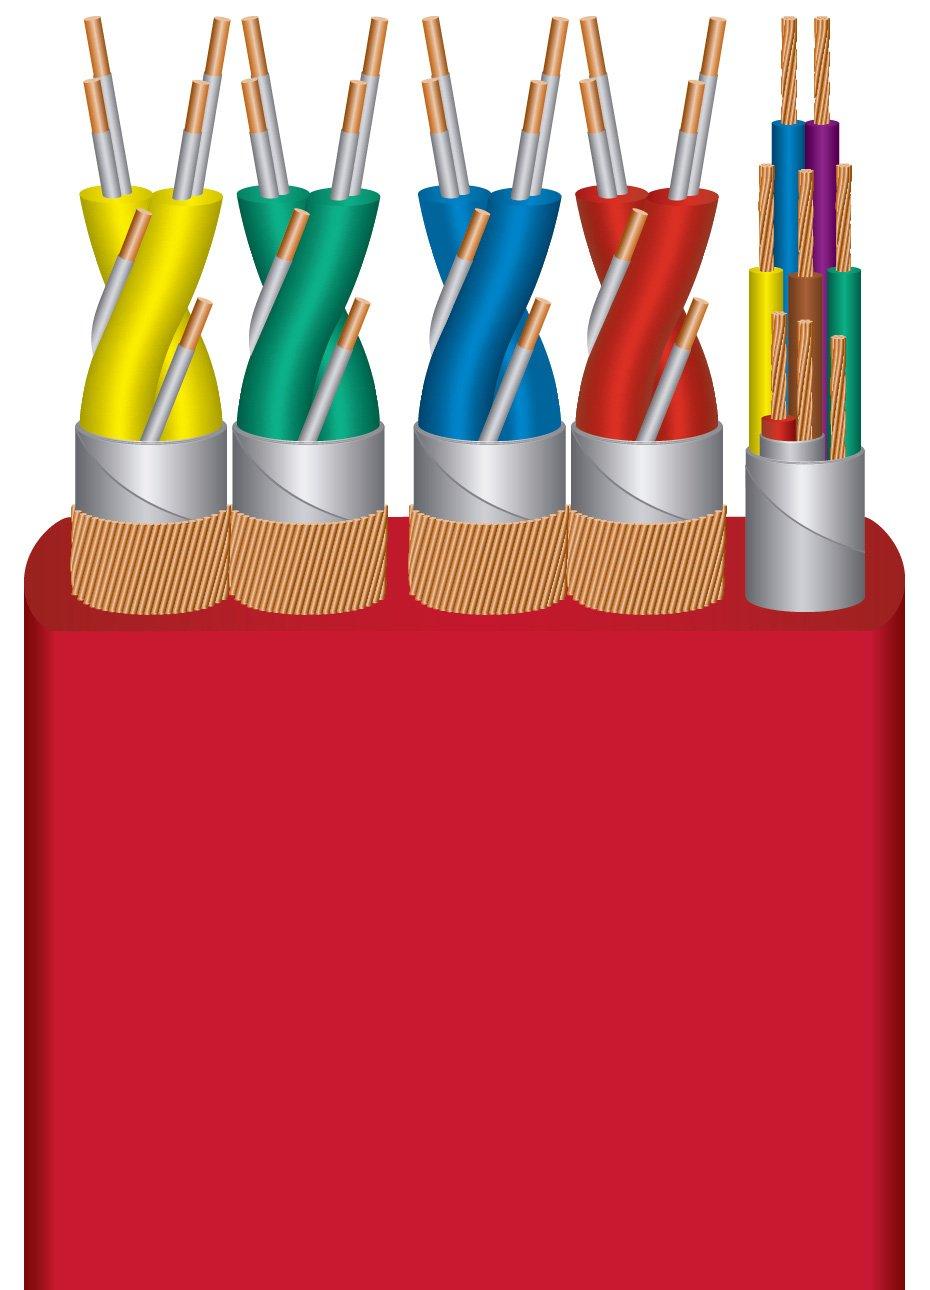 com wireworld starlight hdmi audio video cable m com wireworld starlight 7 hdmi audio video cable 1 0m home audio theater